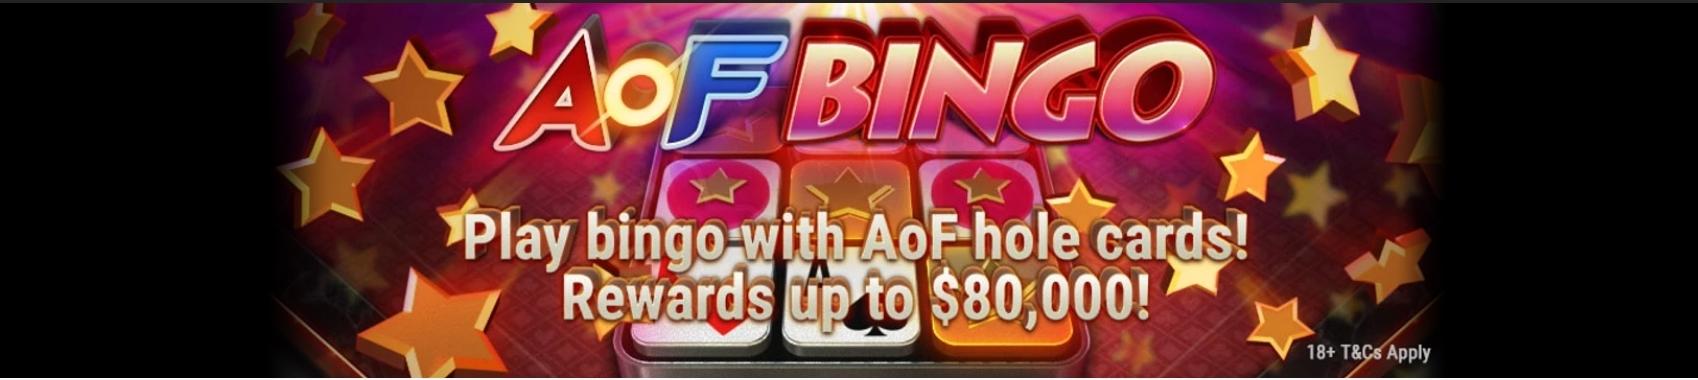 AoF Bingo